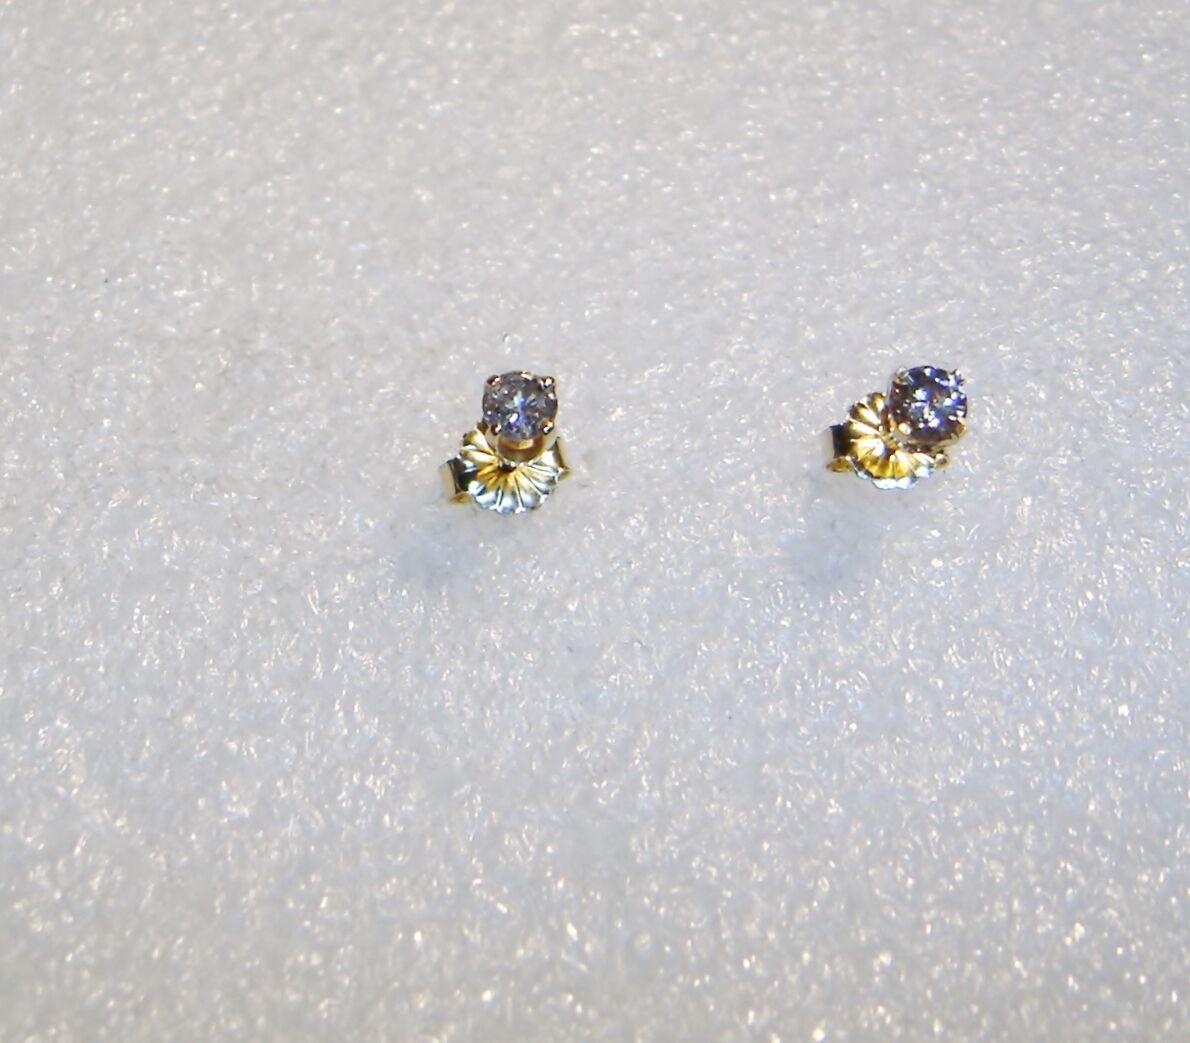 14K YELLOW gold 1 3 CARAT TOTAL WEIGHT DIAMOND STUD PIERCED EARRINGS  N619-F